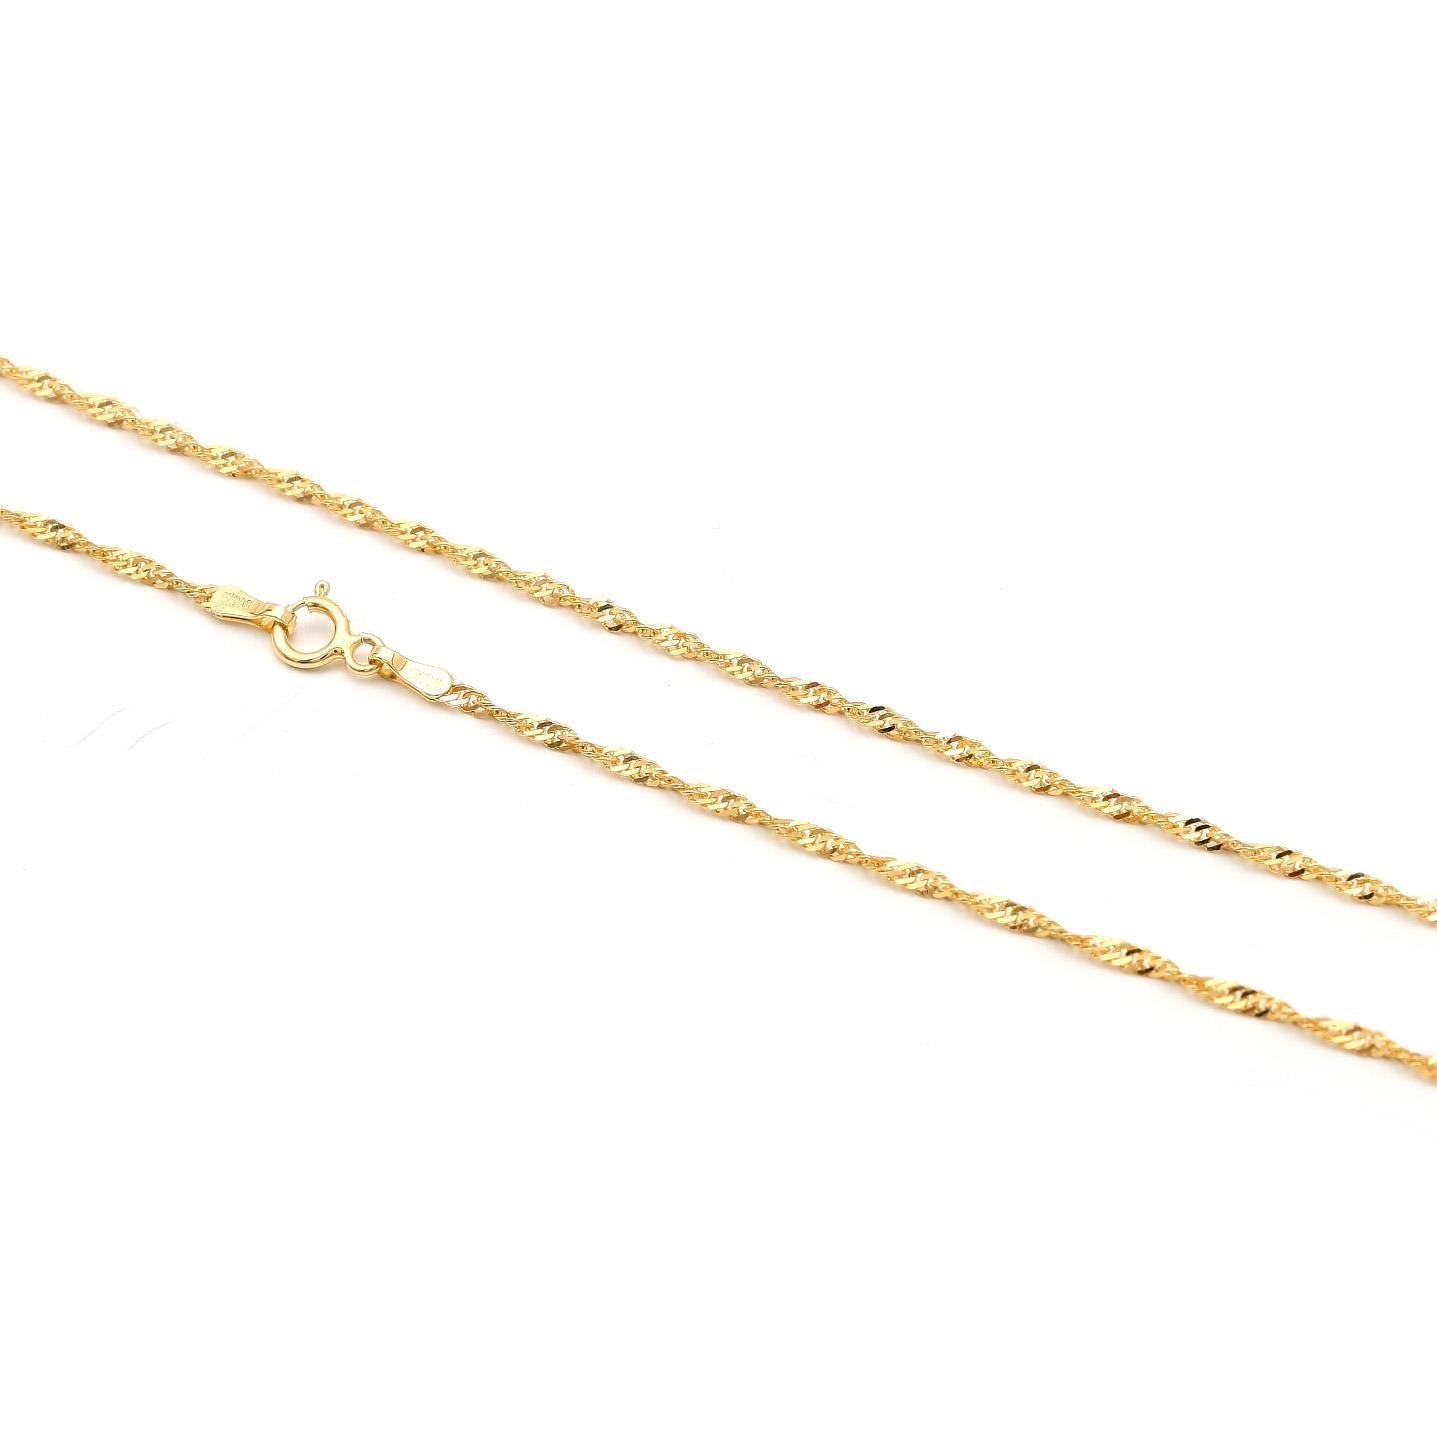 Zlatá retiazka Azzurra 1RZ00013_1